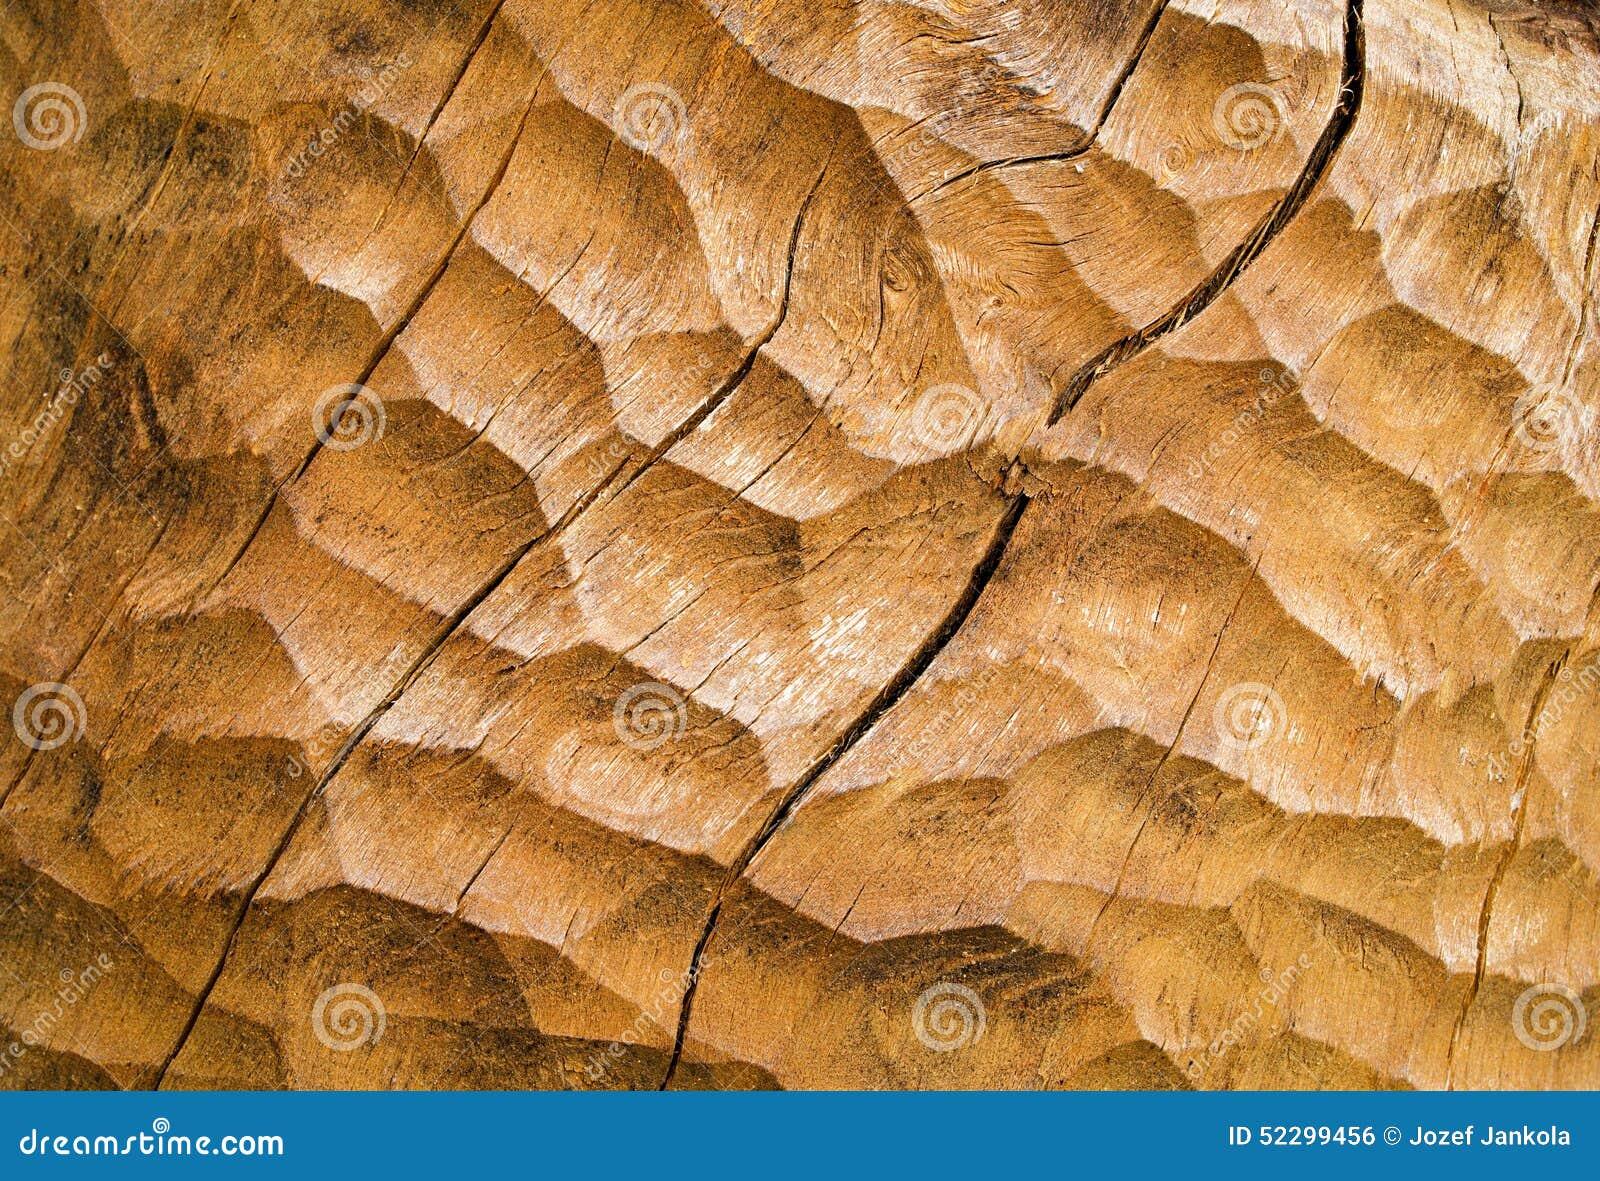 Chiseled Wood Stock Photo Image 52299456